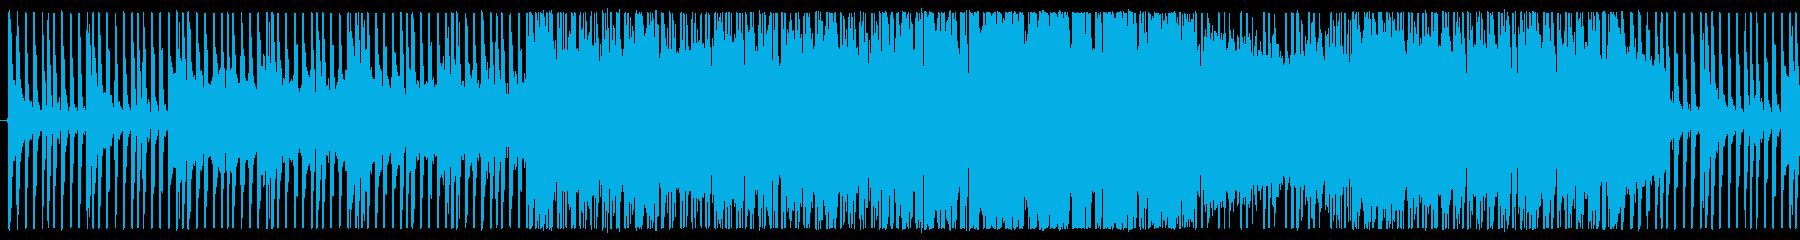 RPG向けバトル曲(ループ仕様)の再生済みの波形